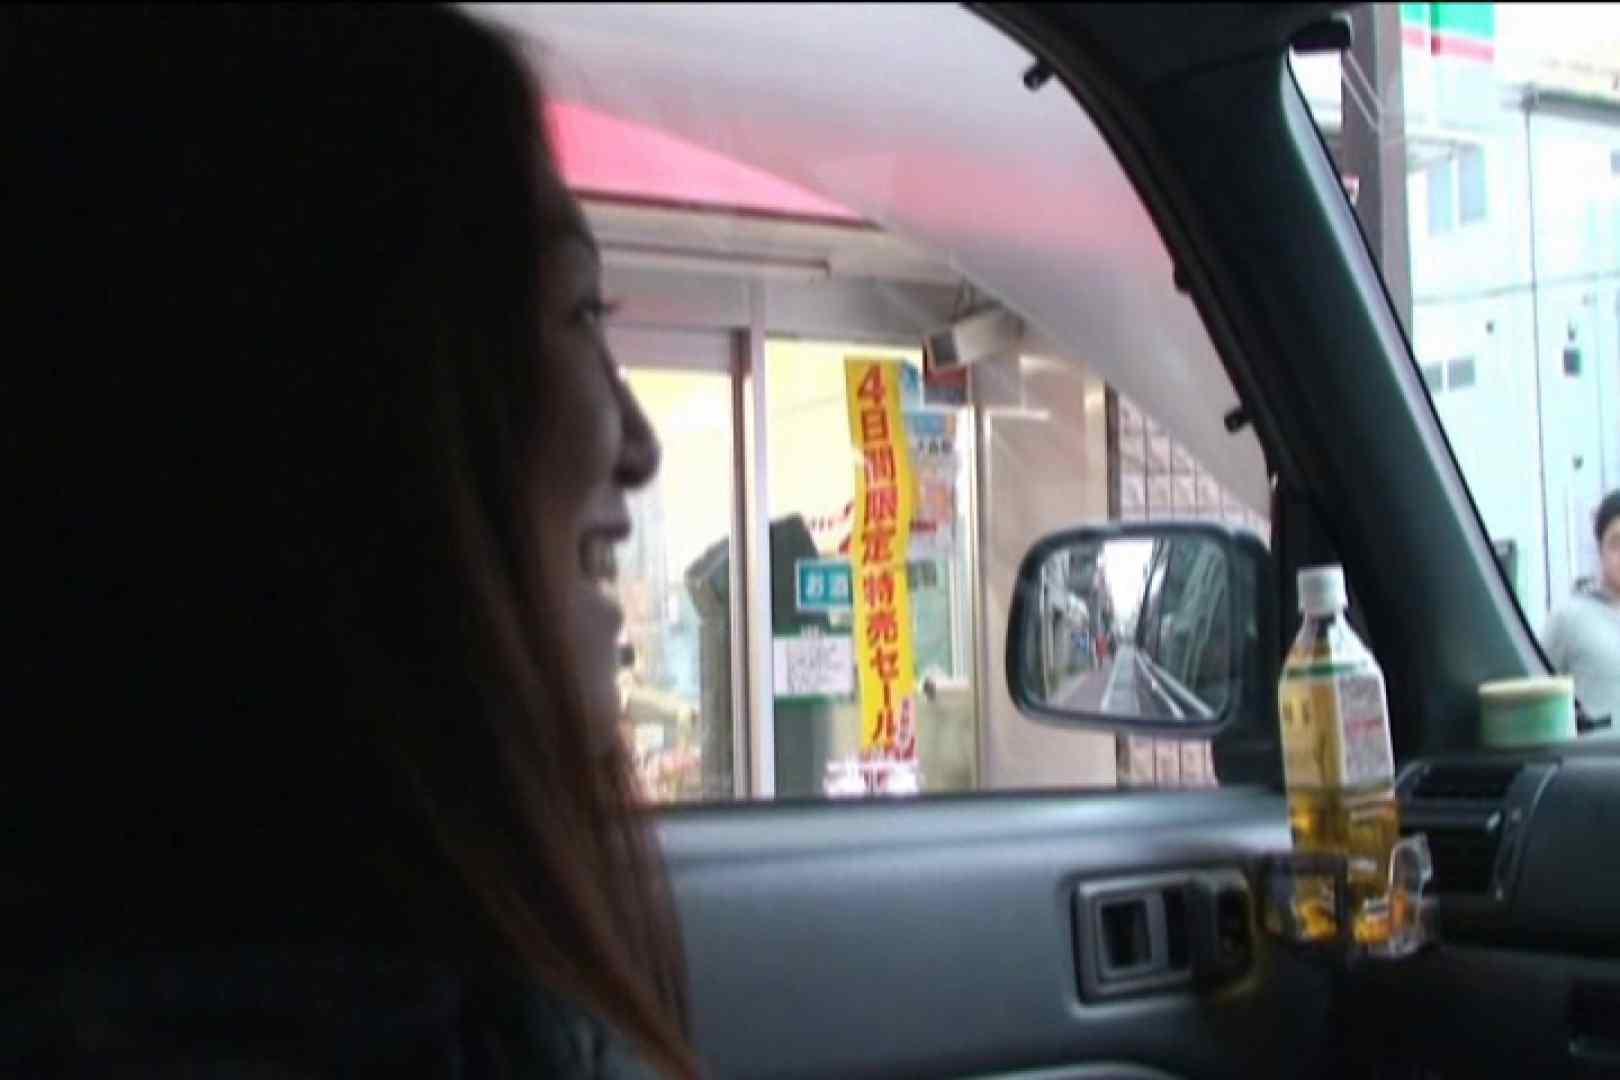 車内で初めまして! vol04 マンコ | 車  54pic 2